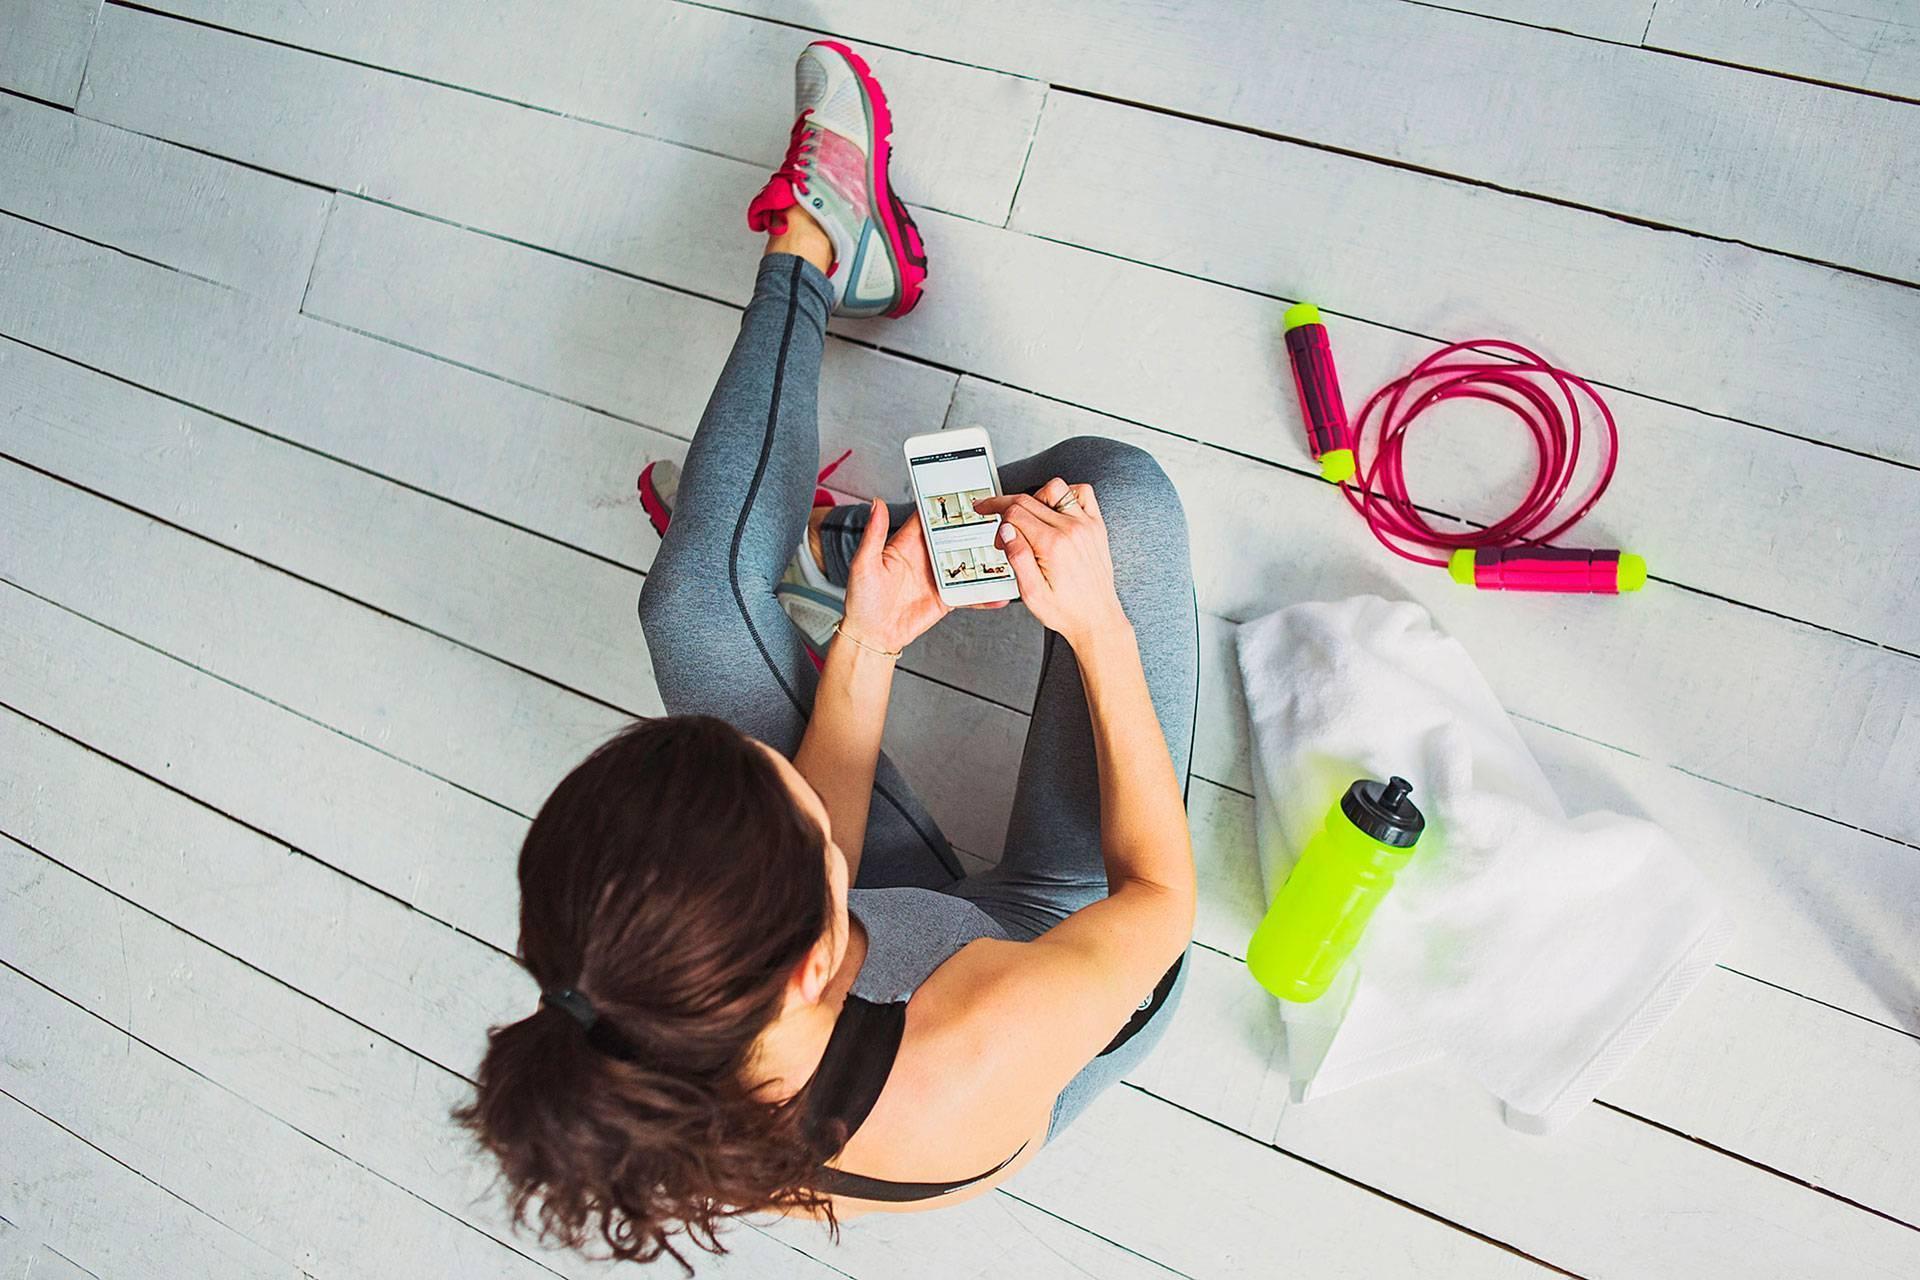 10 утренних привычек, которые сделают вас более успешным и продуктивным — это интересно!